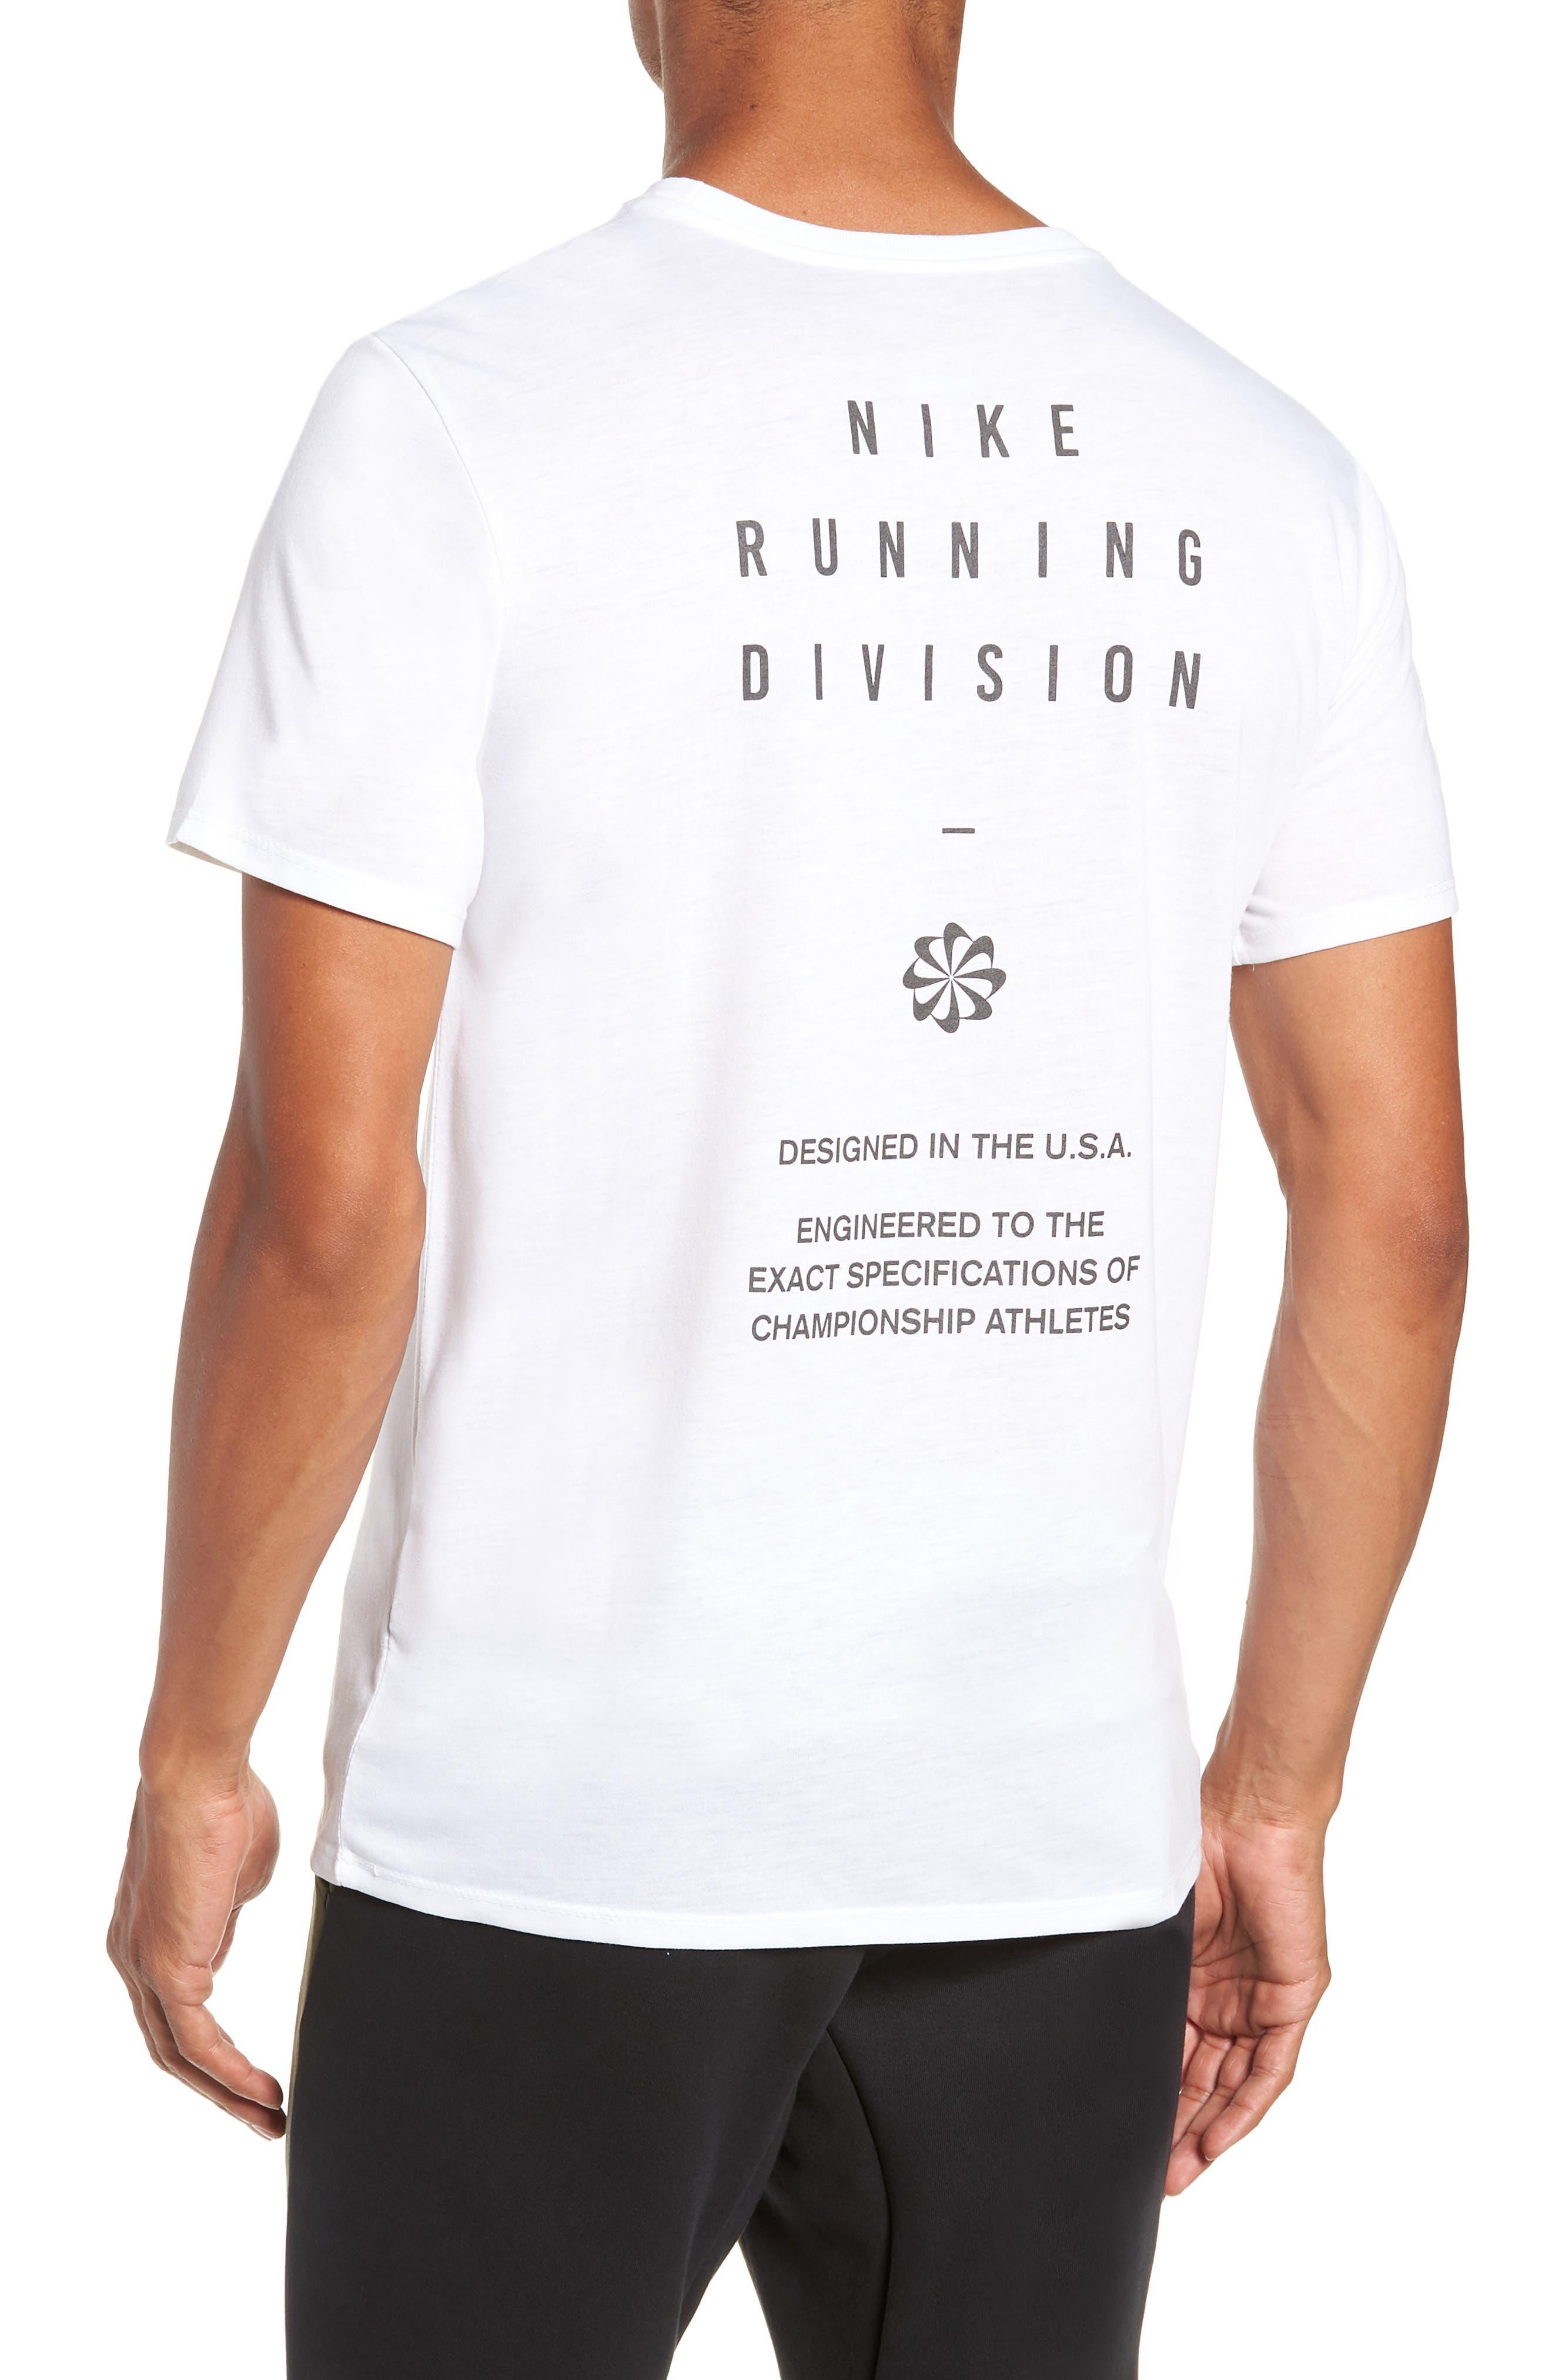 Dry Running Division T-Shirt,                             Alternate thumbnail 2, color,                             WHITE/ GUNSMOKE